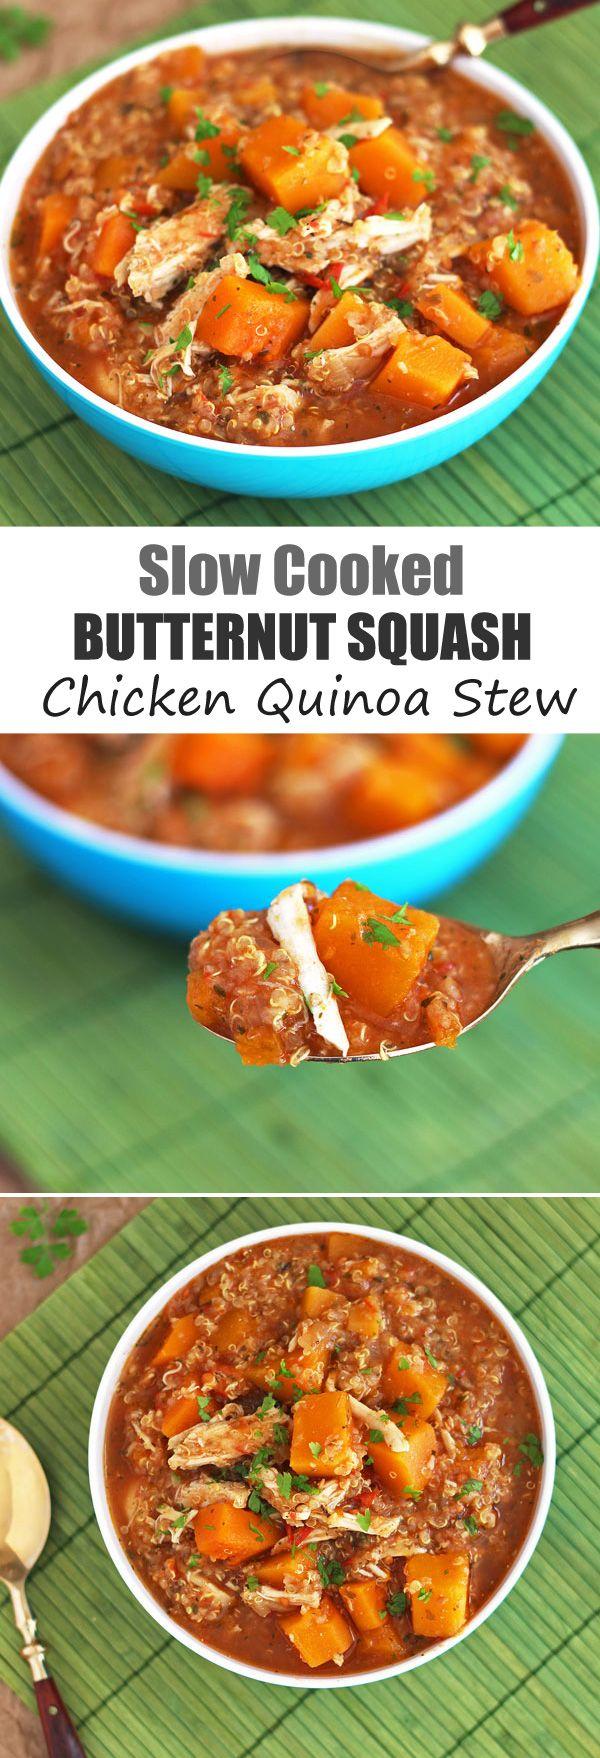 Slow Cooked Butternut Squash Chicken Quinoa Stew